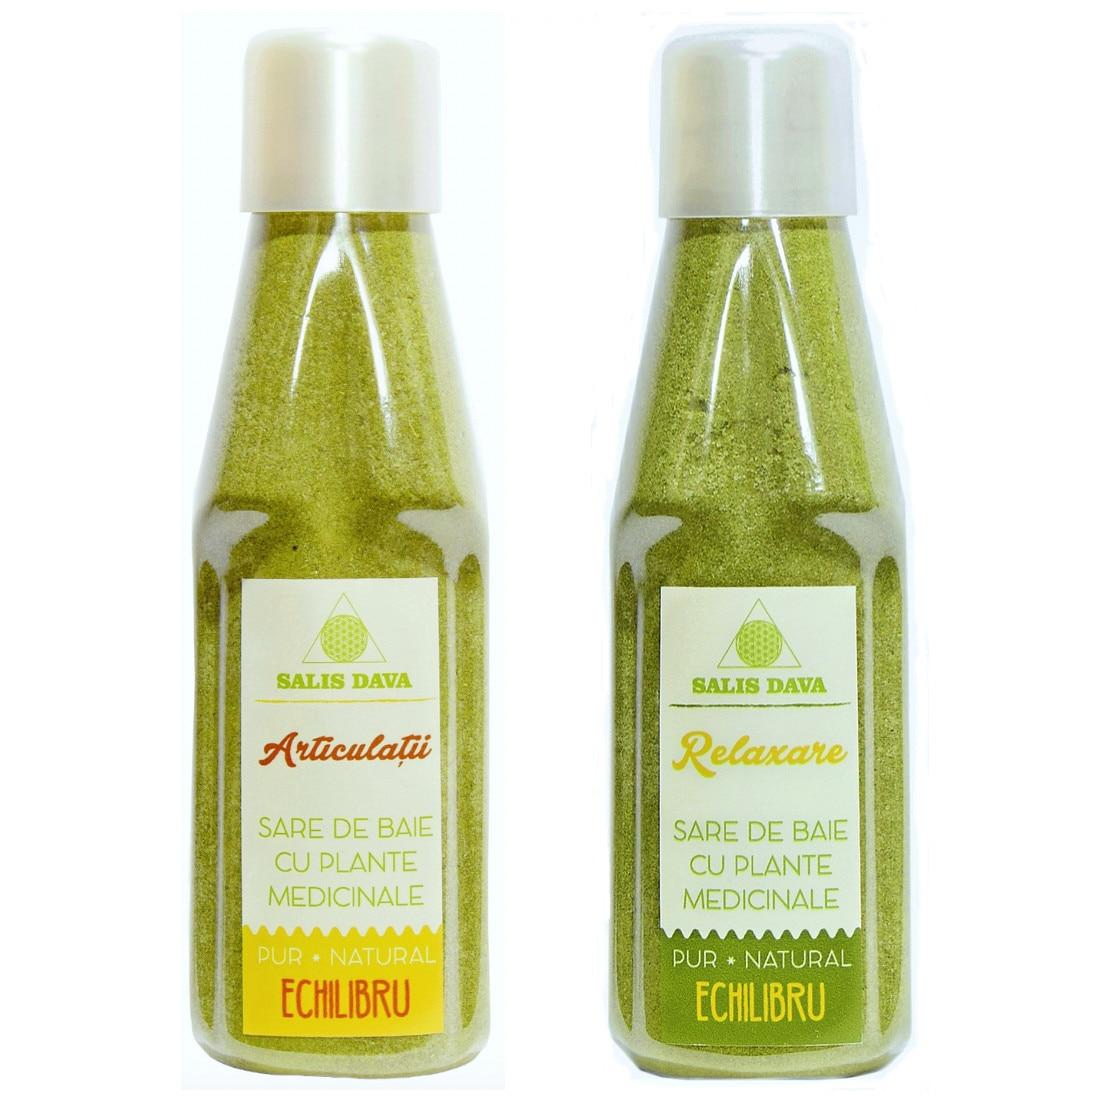 Balsam pentru articulațiile de mir, Sapun lichid ecologic Epure 1L, Sonett